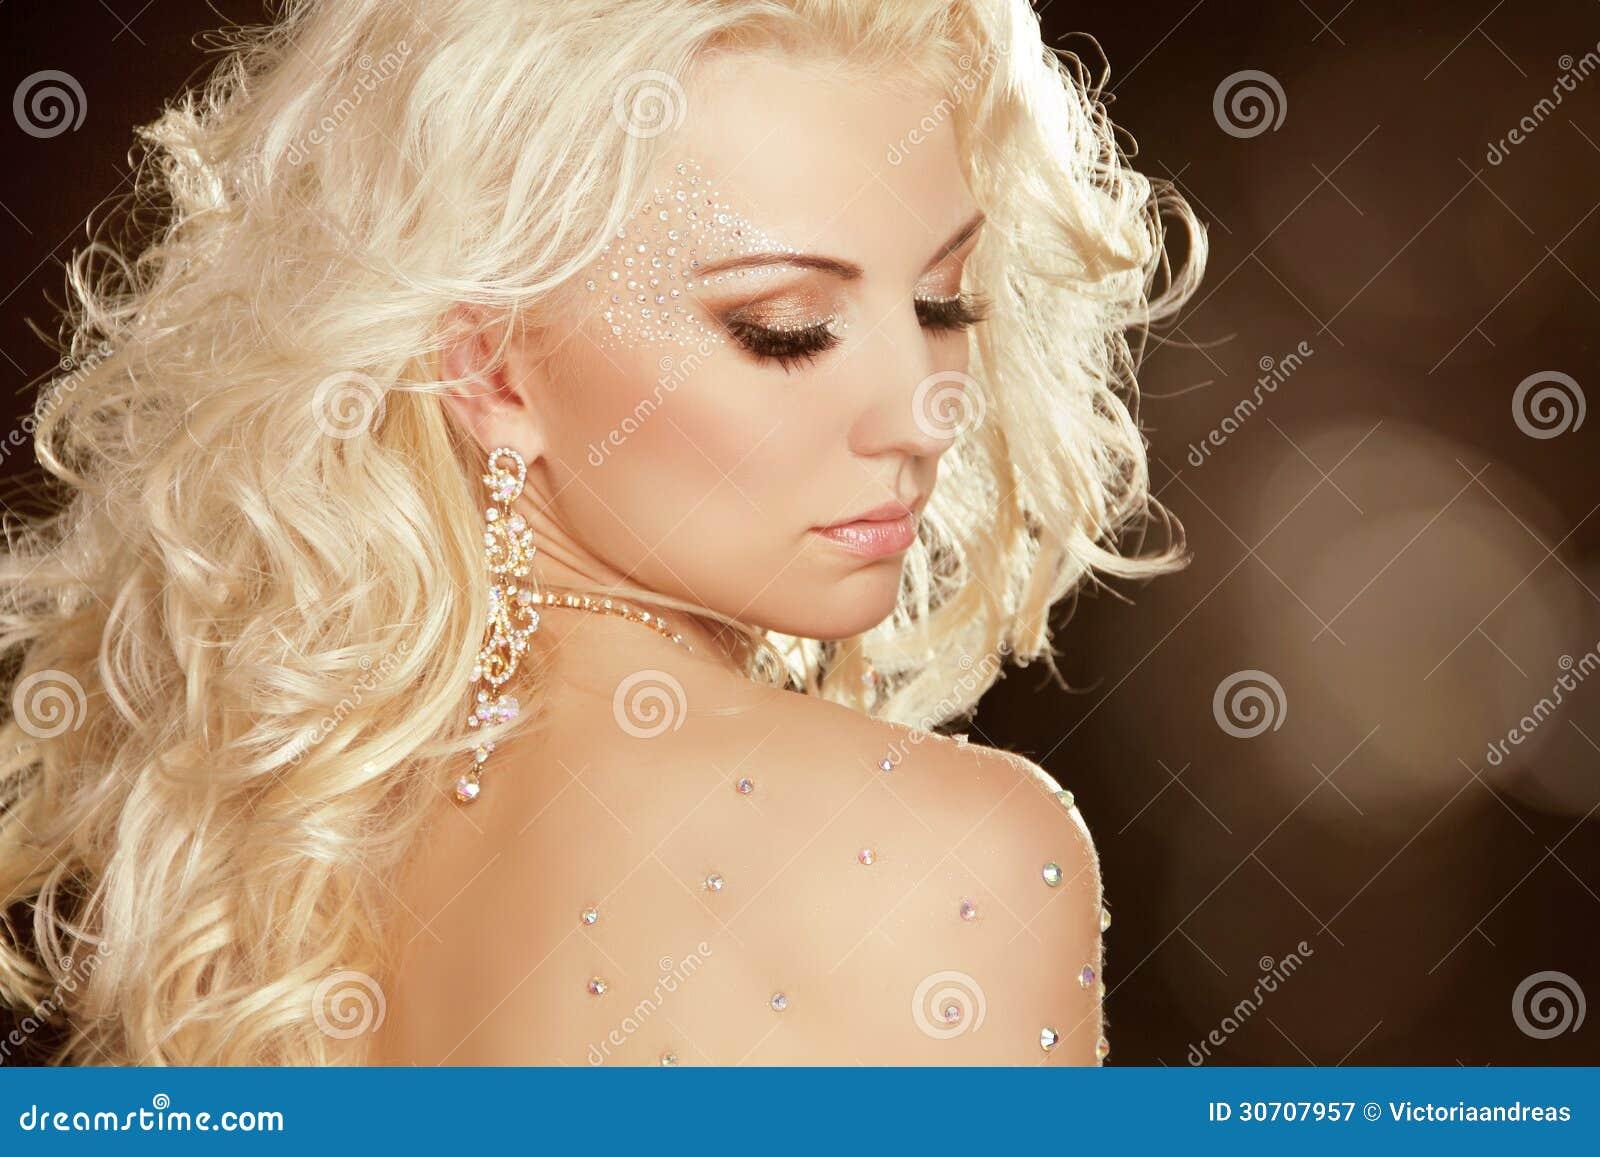 Piękno dziewczyna z blond kędzierzawym włosy. Mody sztuki kobiety portret